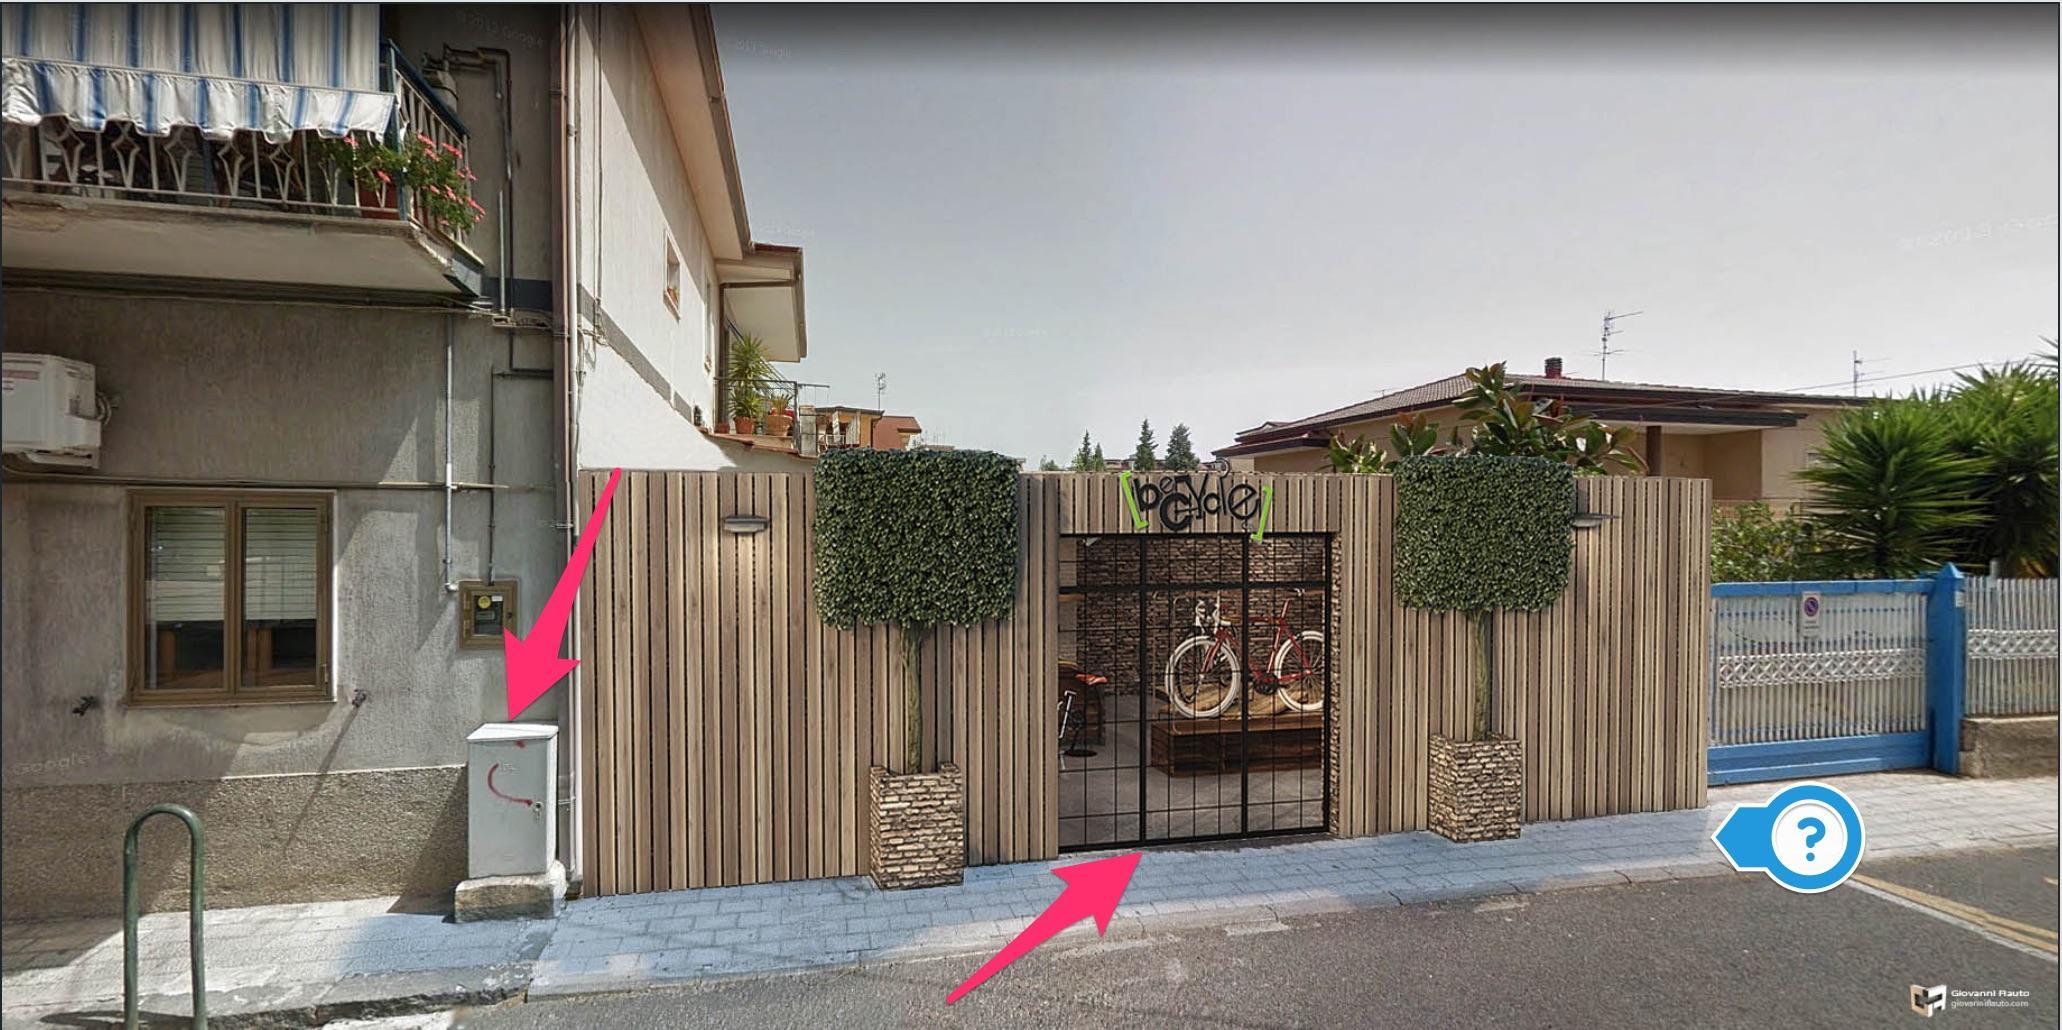 BeCycle_Project_-__FINAL__Architettura_e_Interior_Design_-_Treddi_com_-_Il_portale_italiano_sulla_grafica_3D.jpg.a3ba7925cde17dc8289c6781e4d133ed.jpg